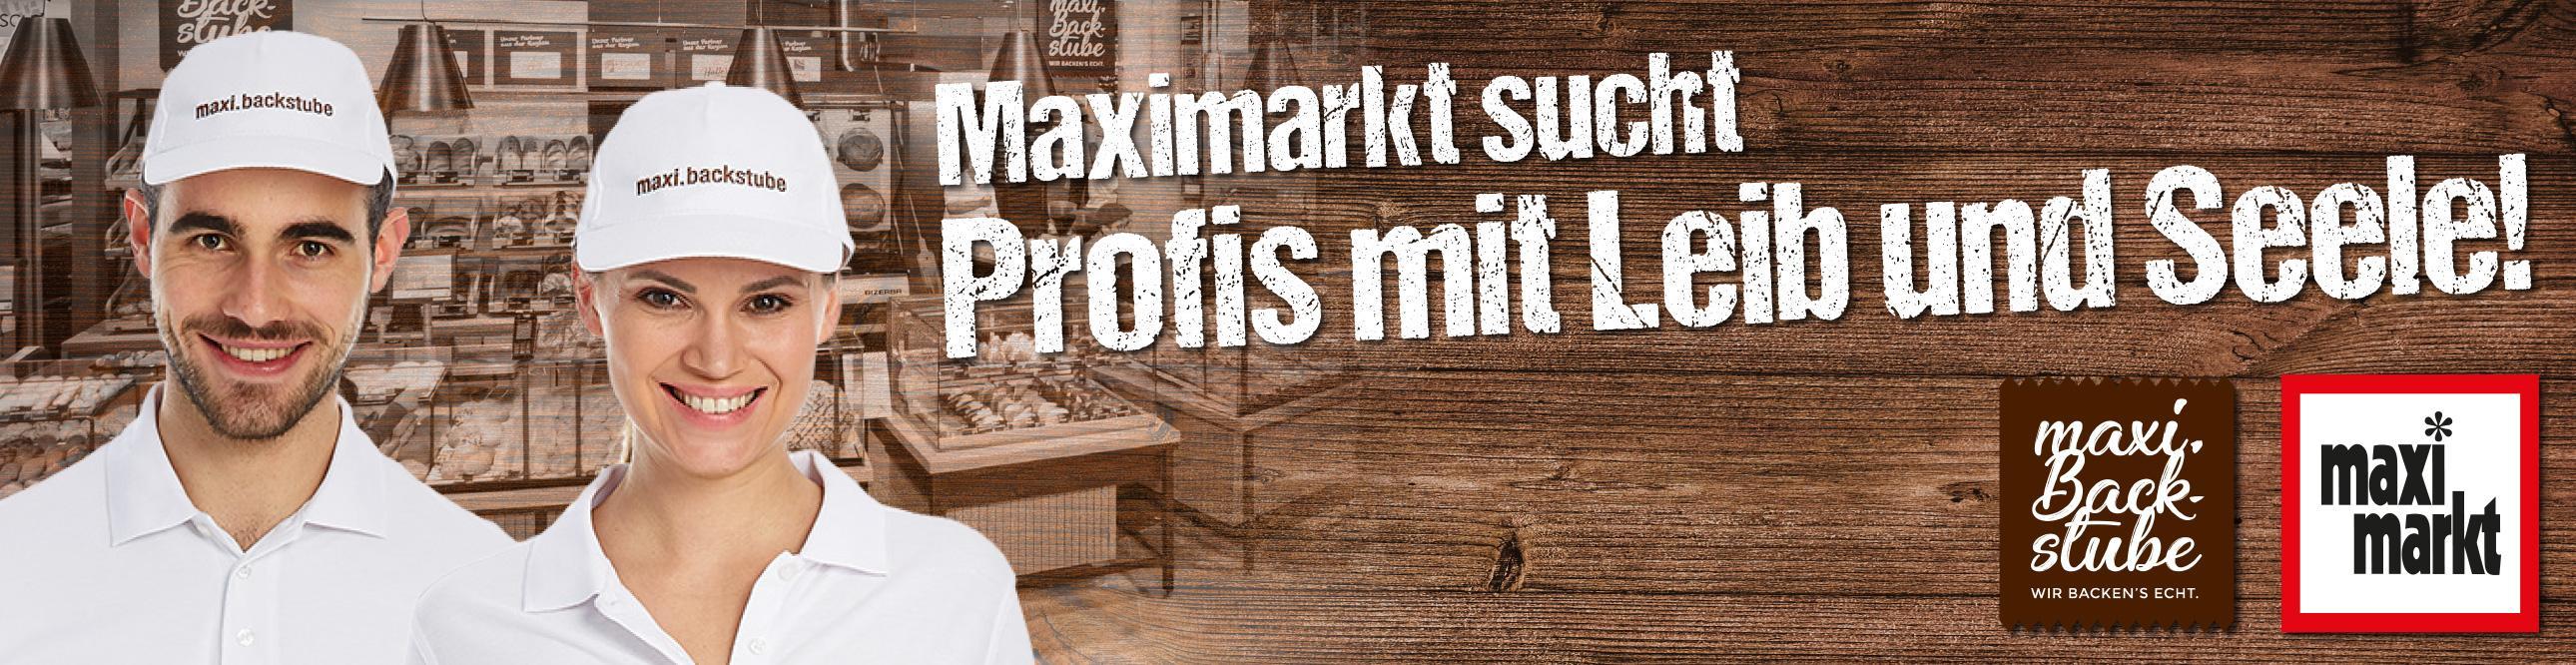 Bäcker für unsere maxi.backstube (m/w/d)